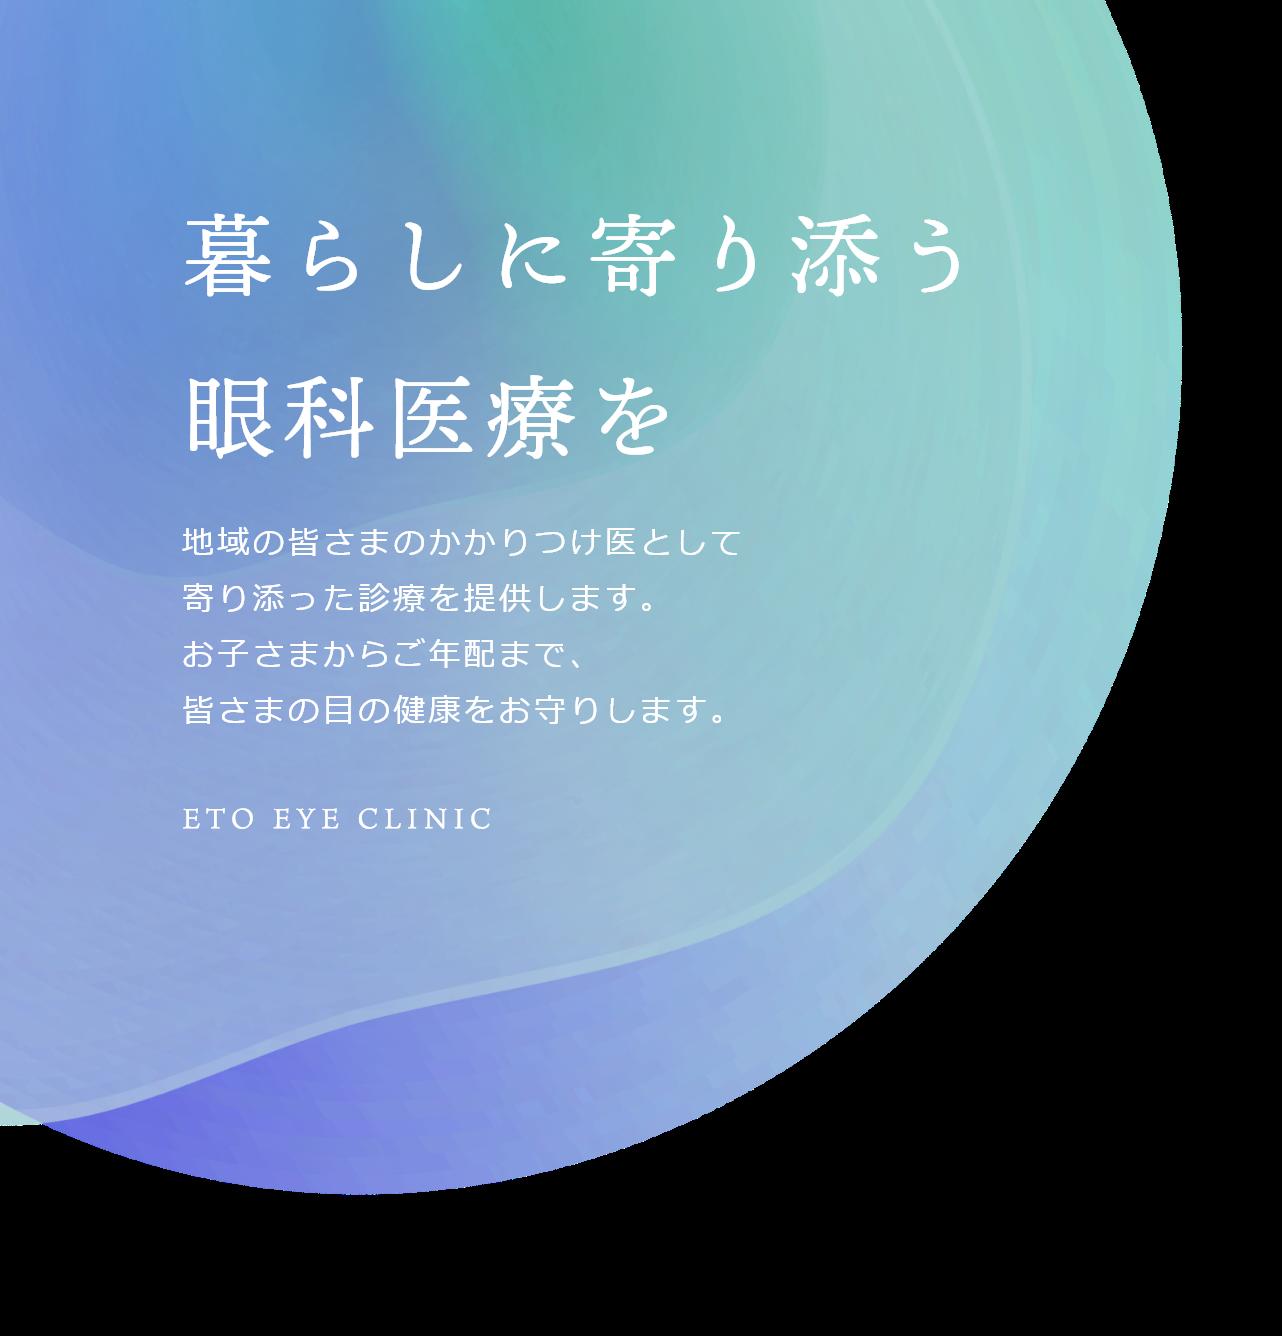 暮らしに寄り添う眼科医療を